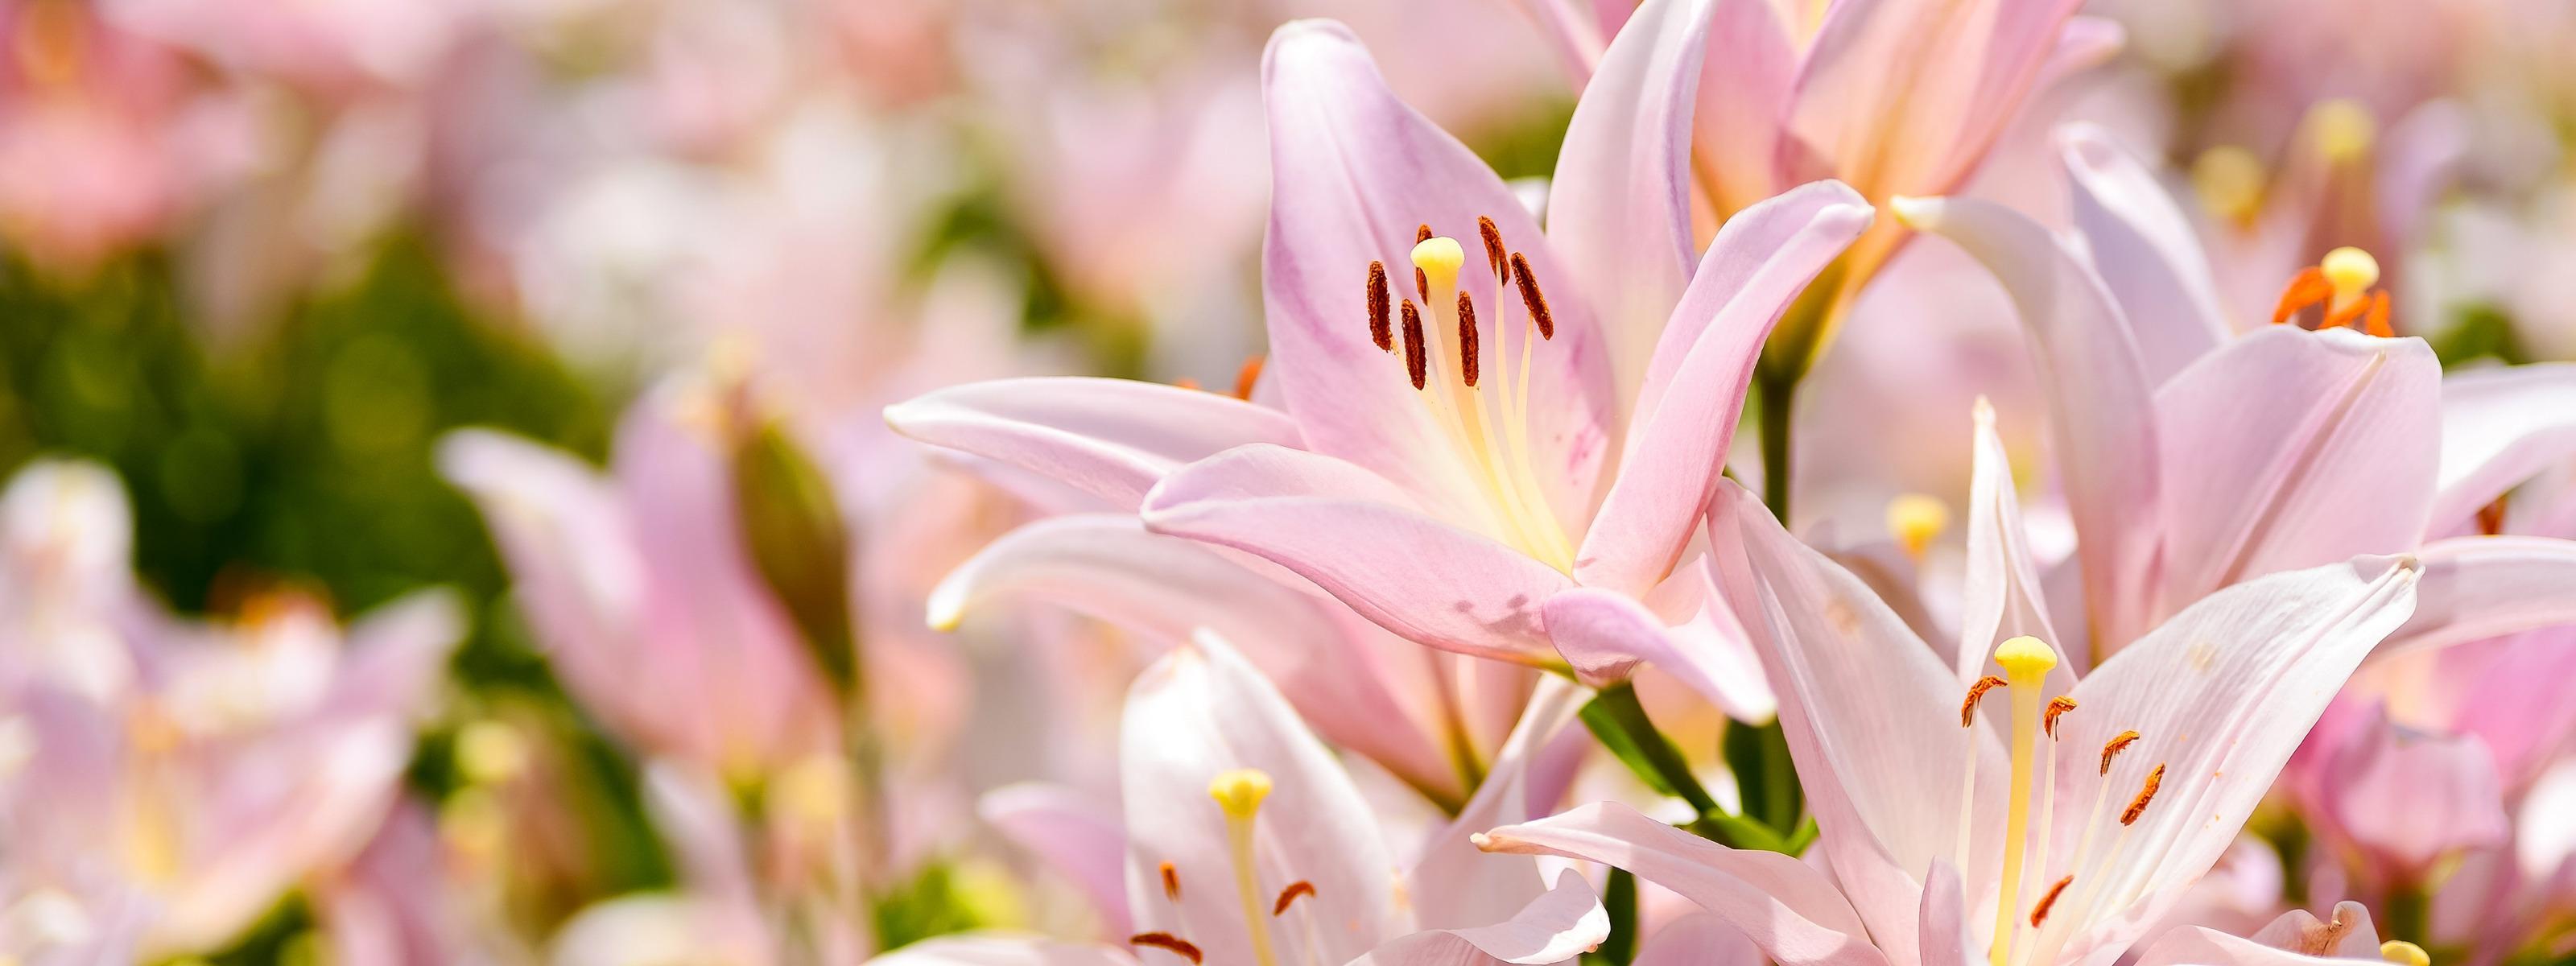 очень фото фон с лилиями мчс